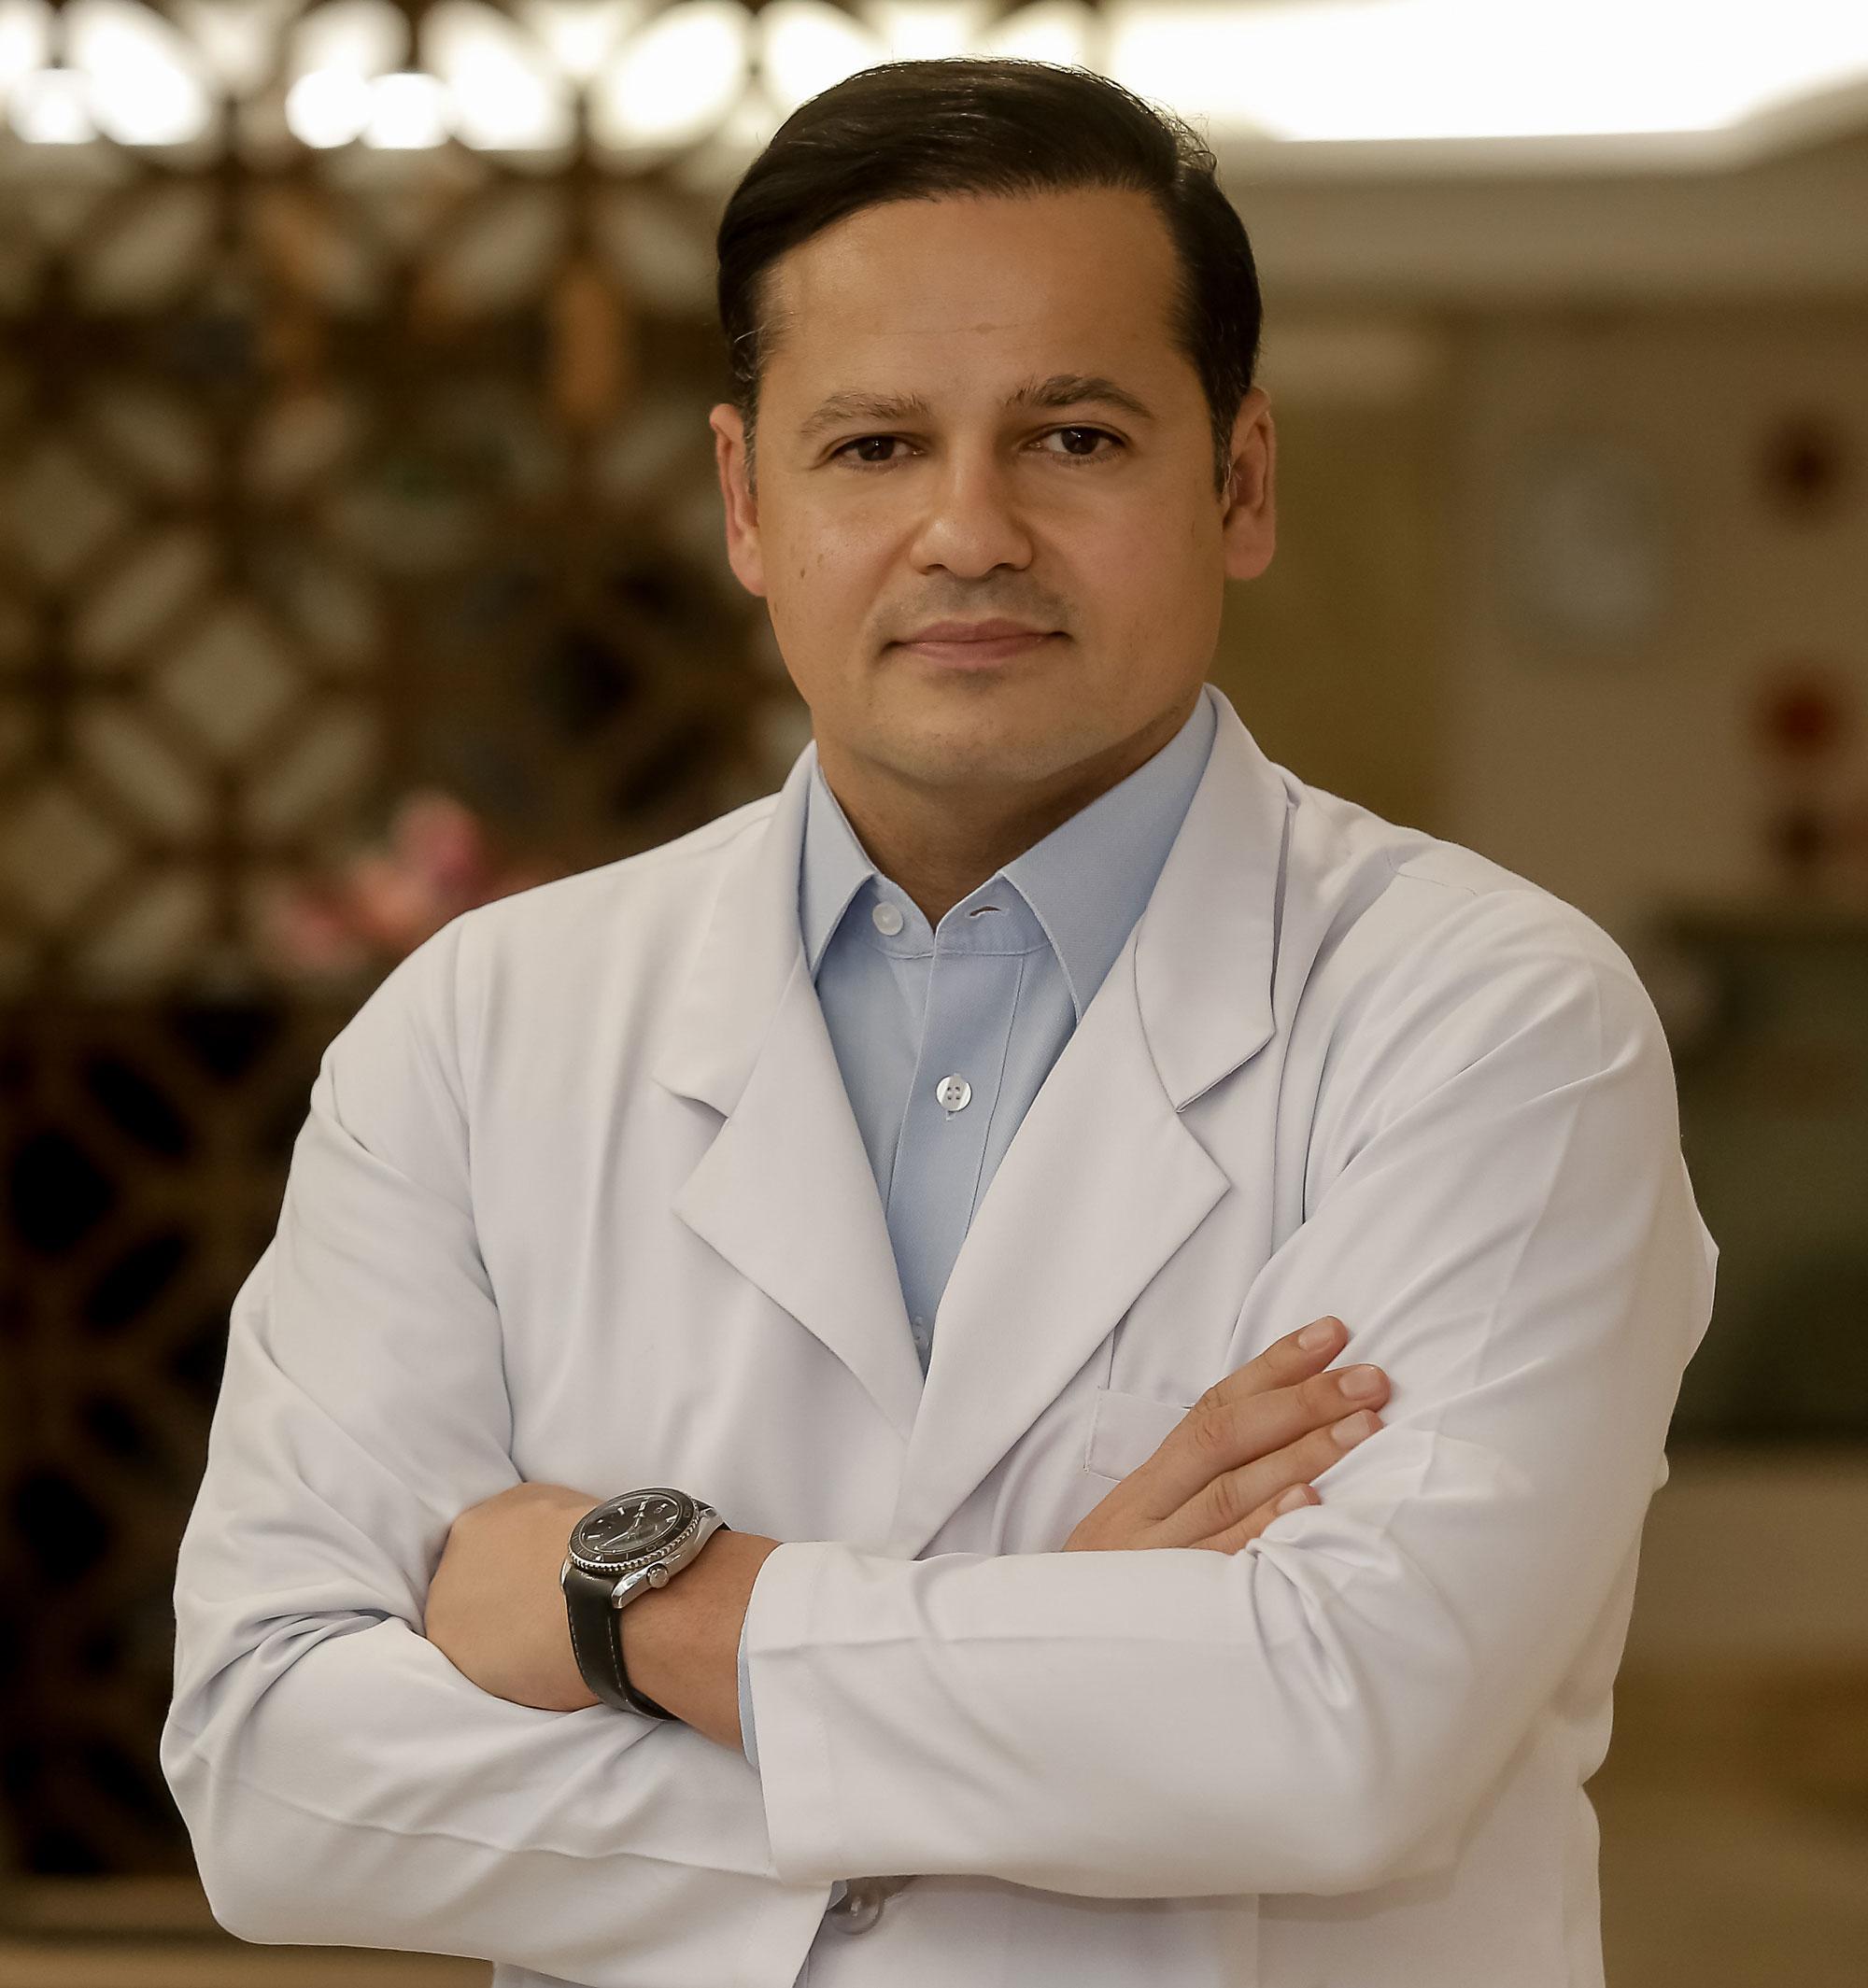 dr.silvio_alterada-137